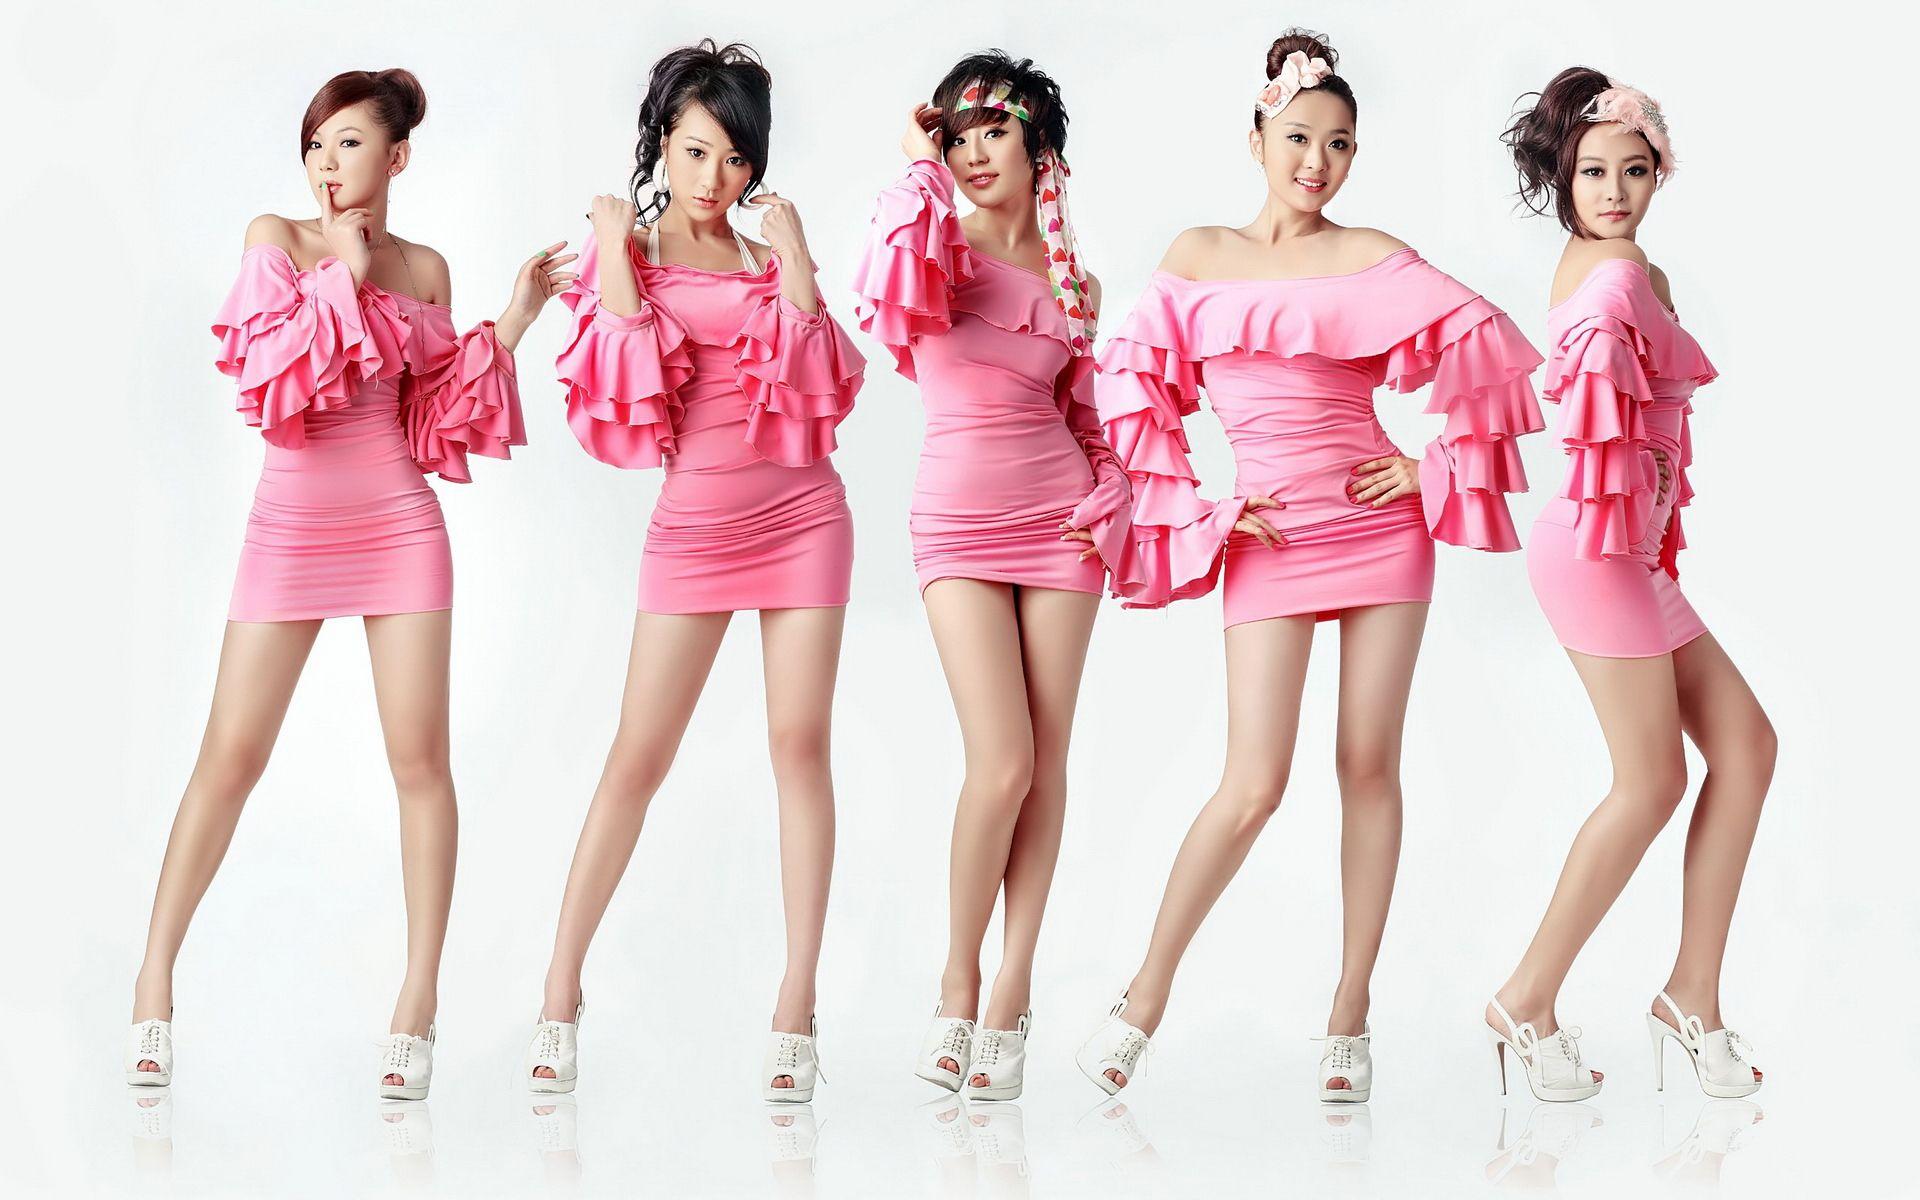 五个女子的组合叫什么名字